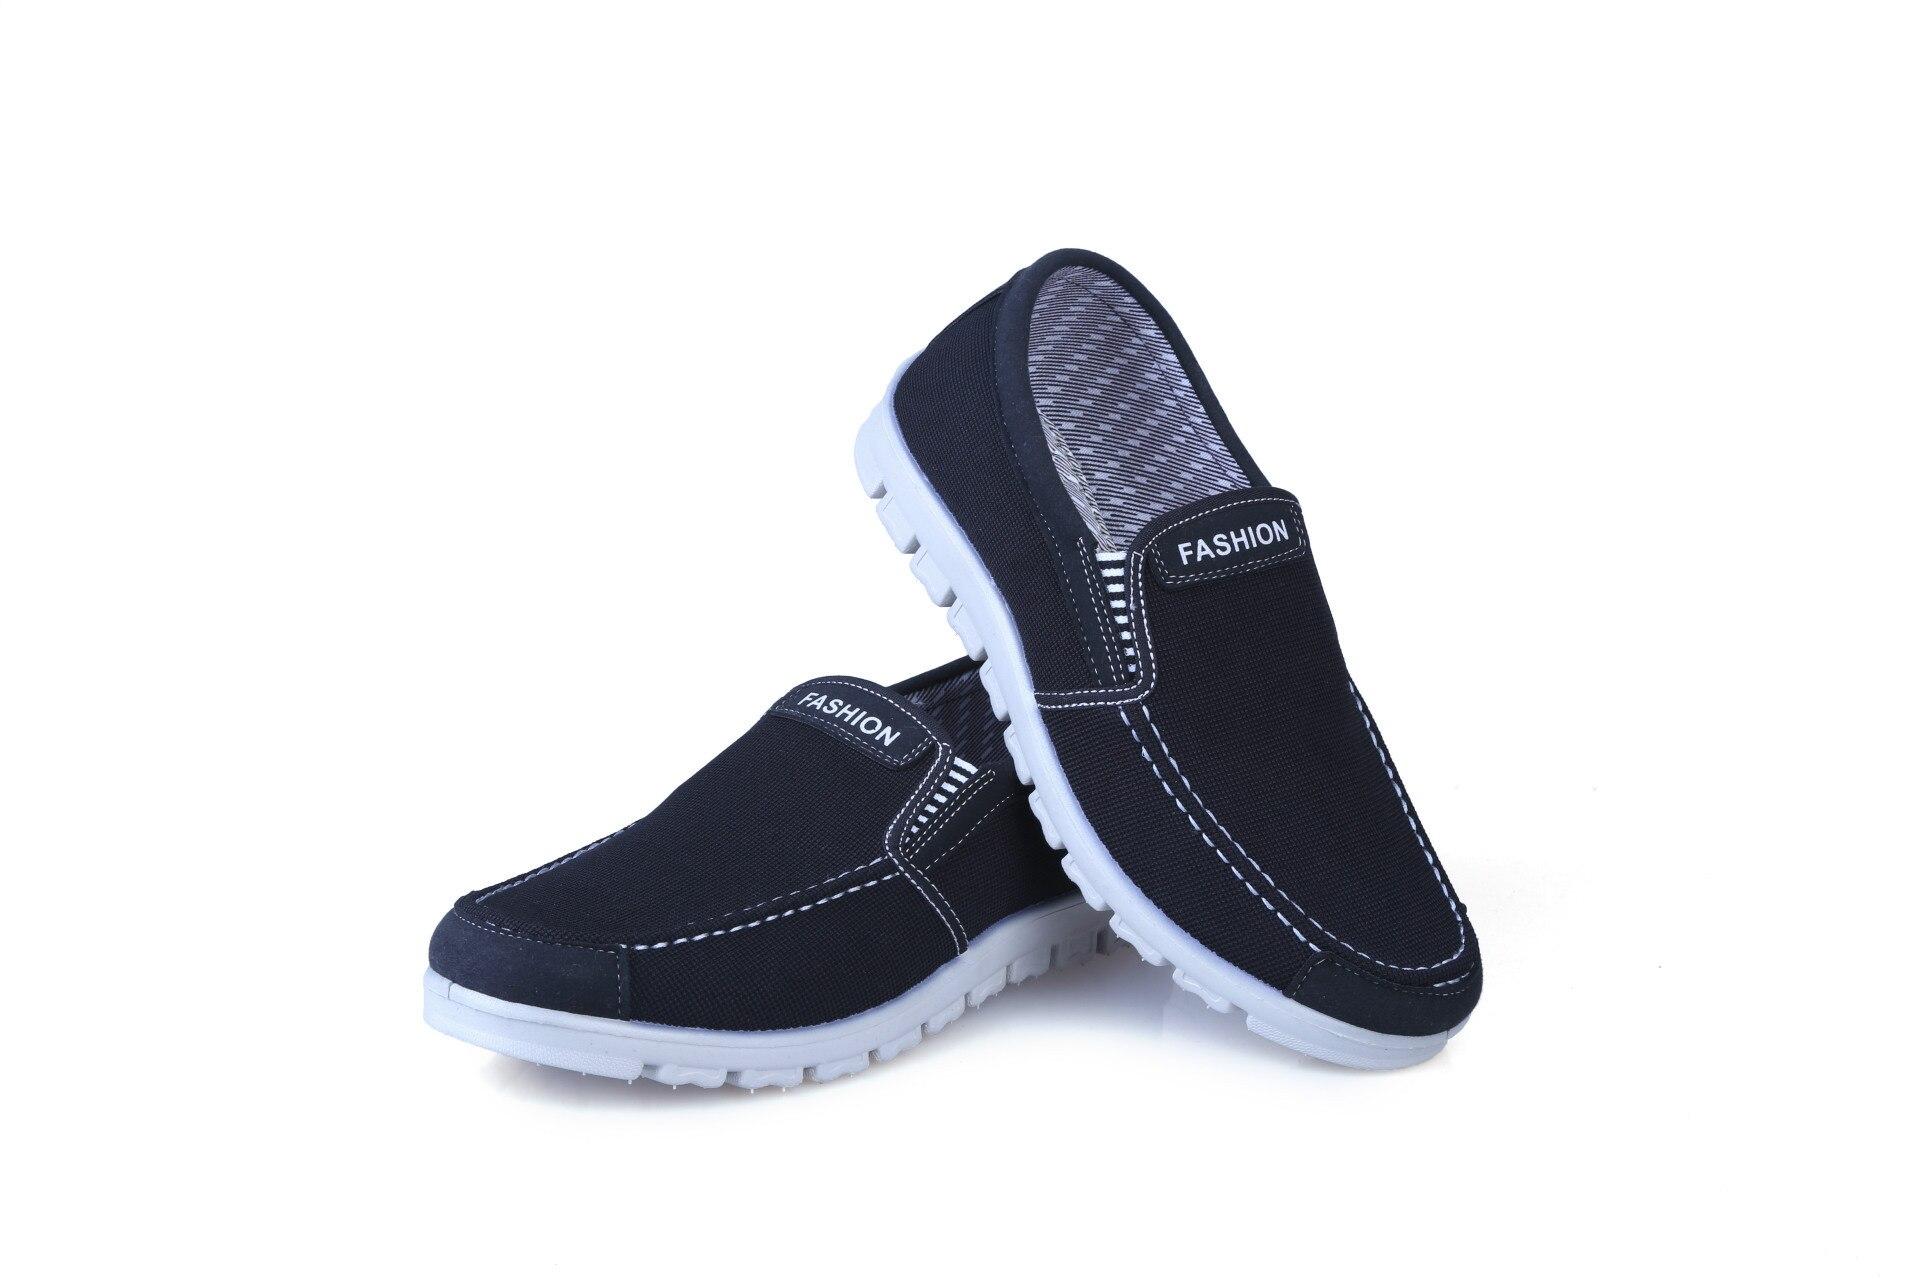 Осенняя дышащая парусиновая обувь, мужская спортивная обувь, обувь без застежки, Мужская обувь для езды на велосипеде